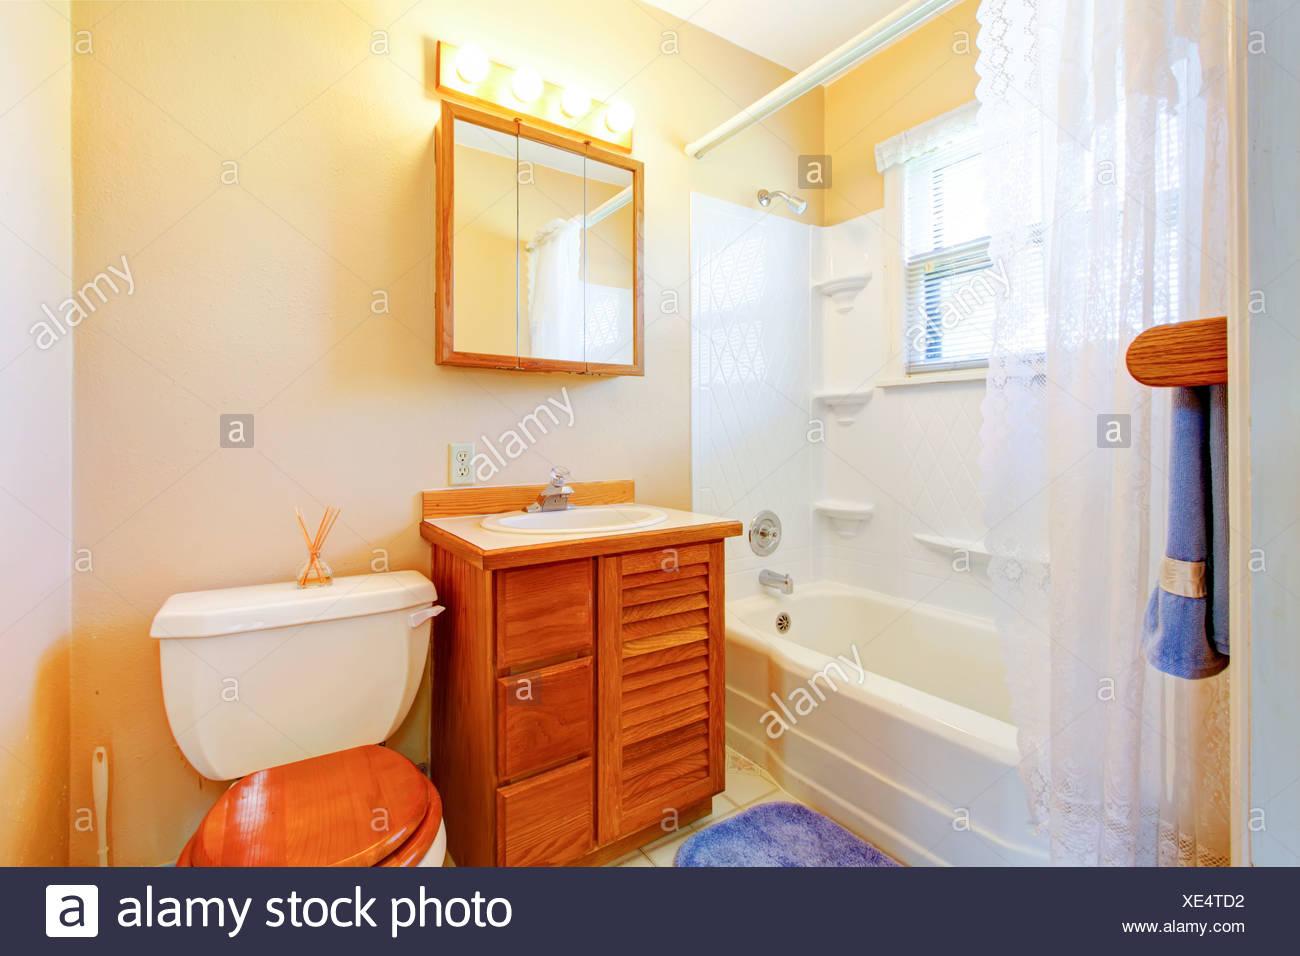 Simple petite vieille salle de bains avec meuble en bois et ...